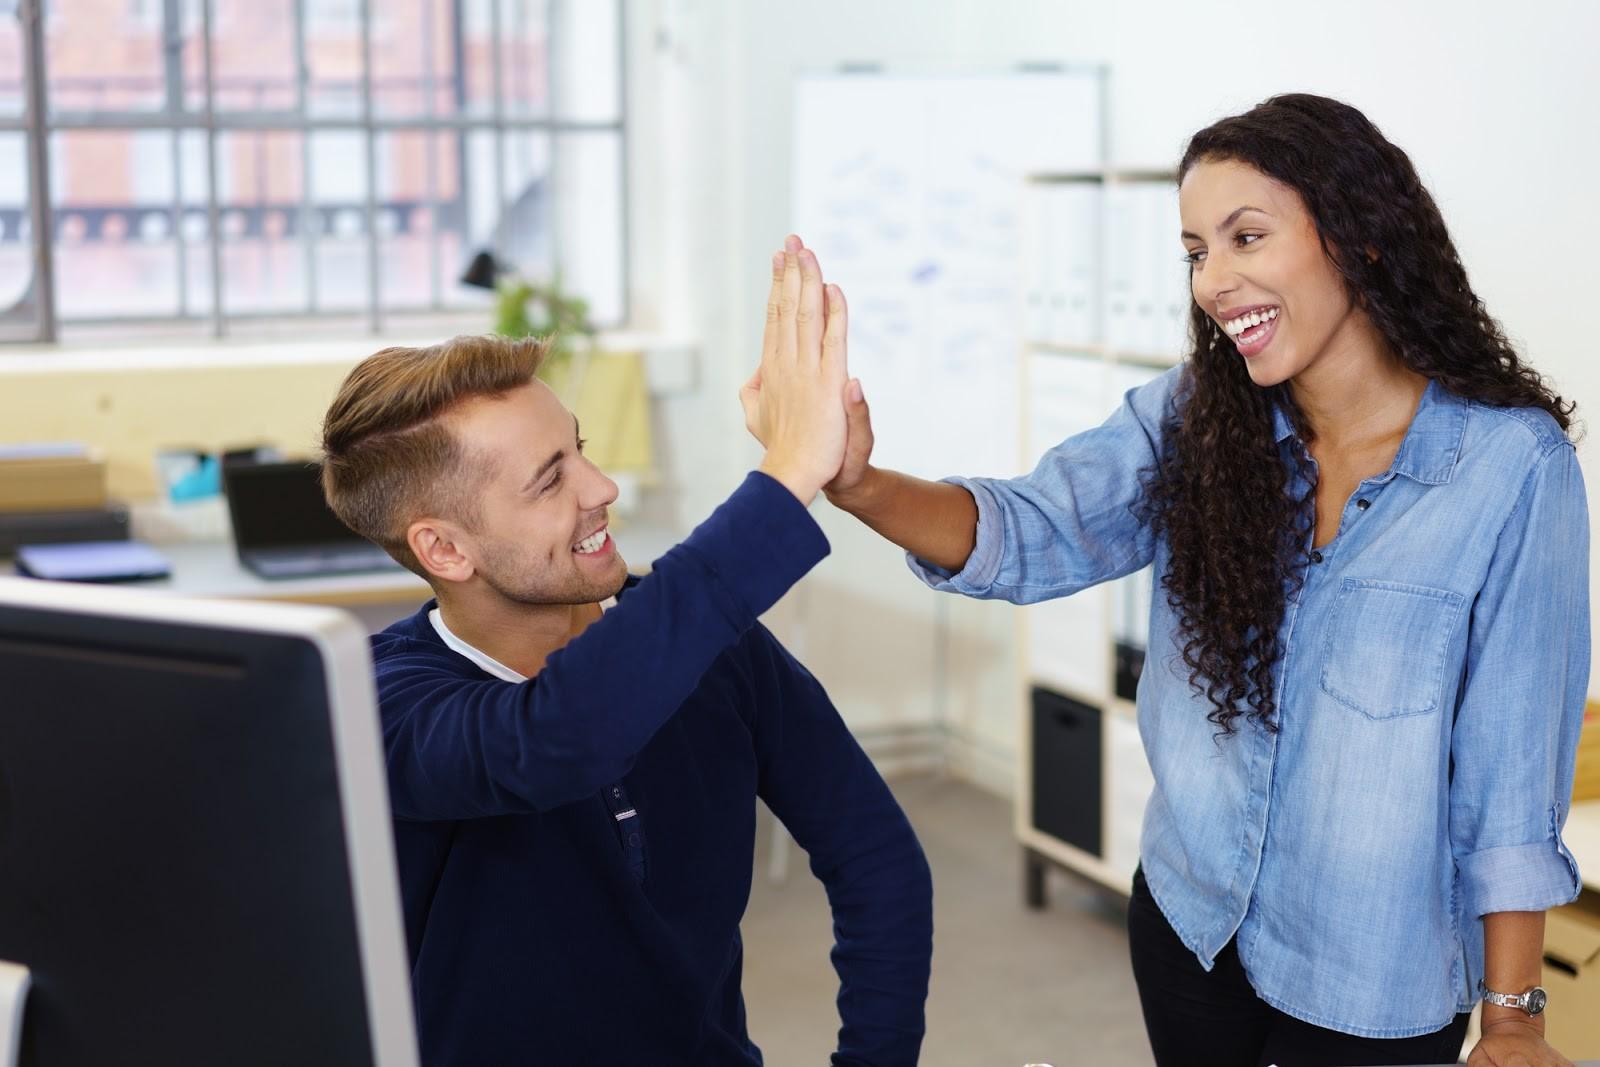 Um plano de saúde empresarial pode ajudar na retenção de talentos?